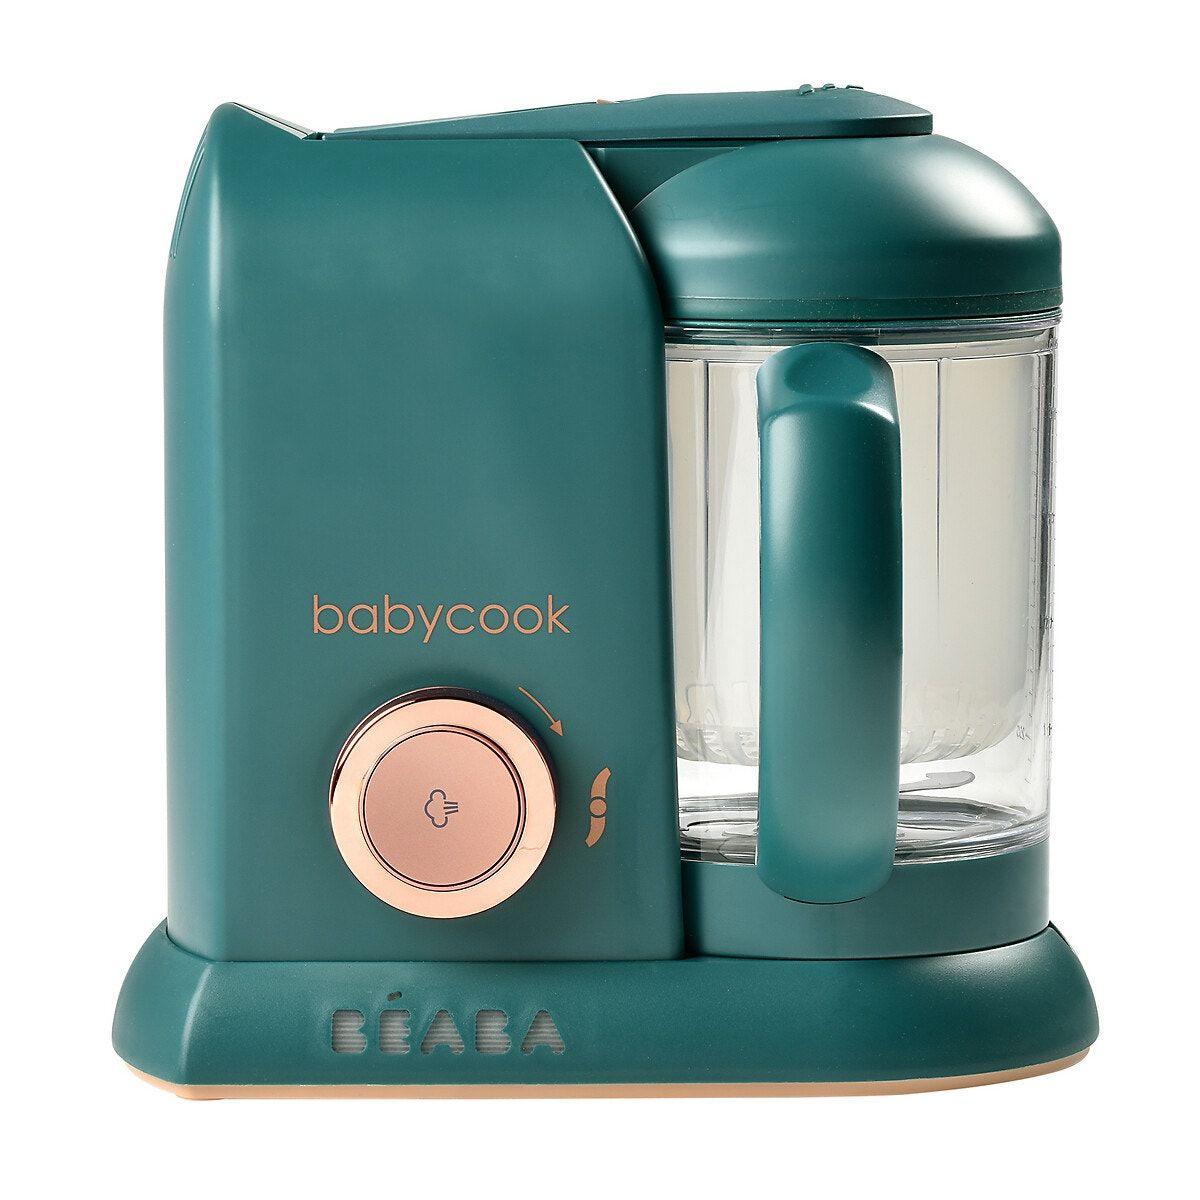 Beaba – Babycook Solo Robot De Cocina